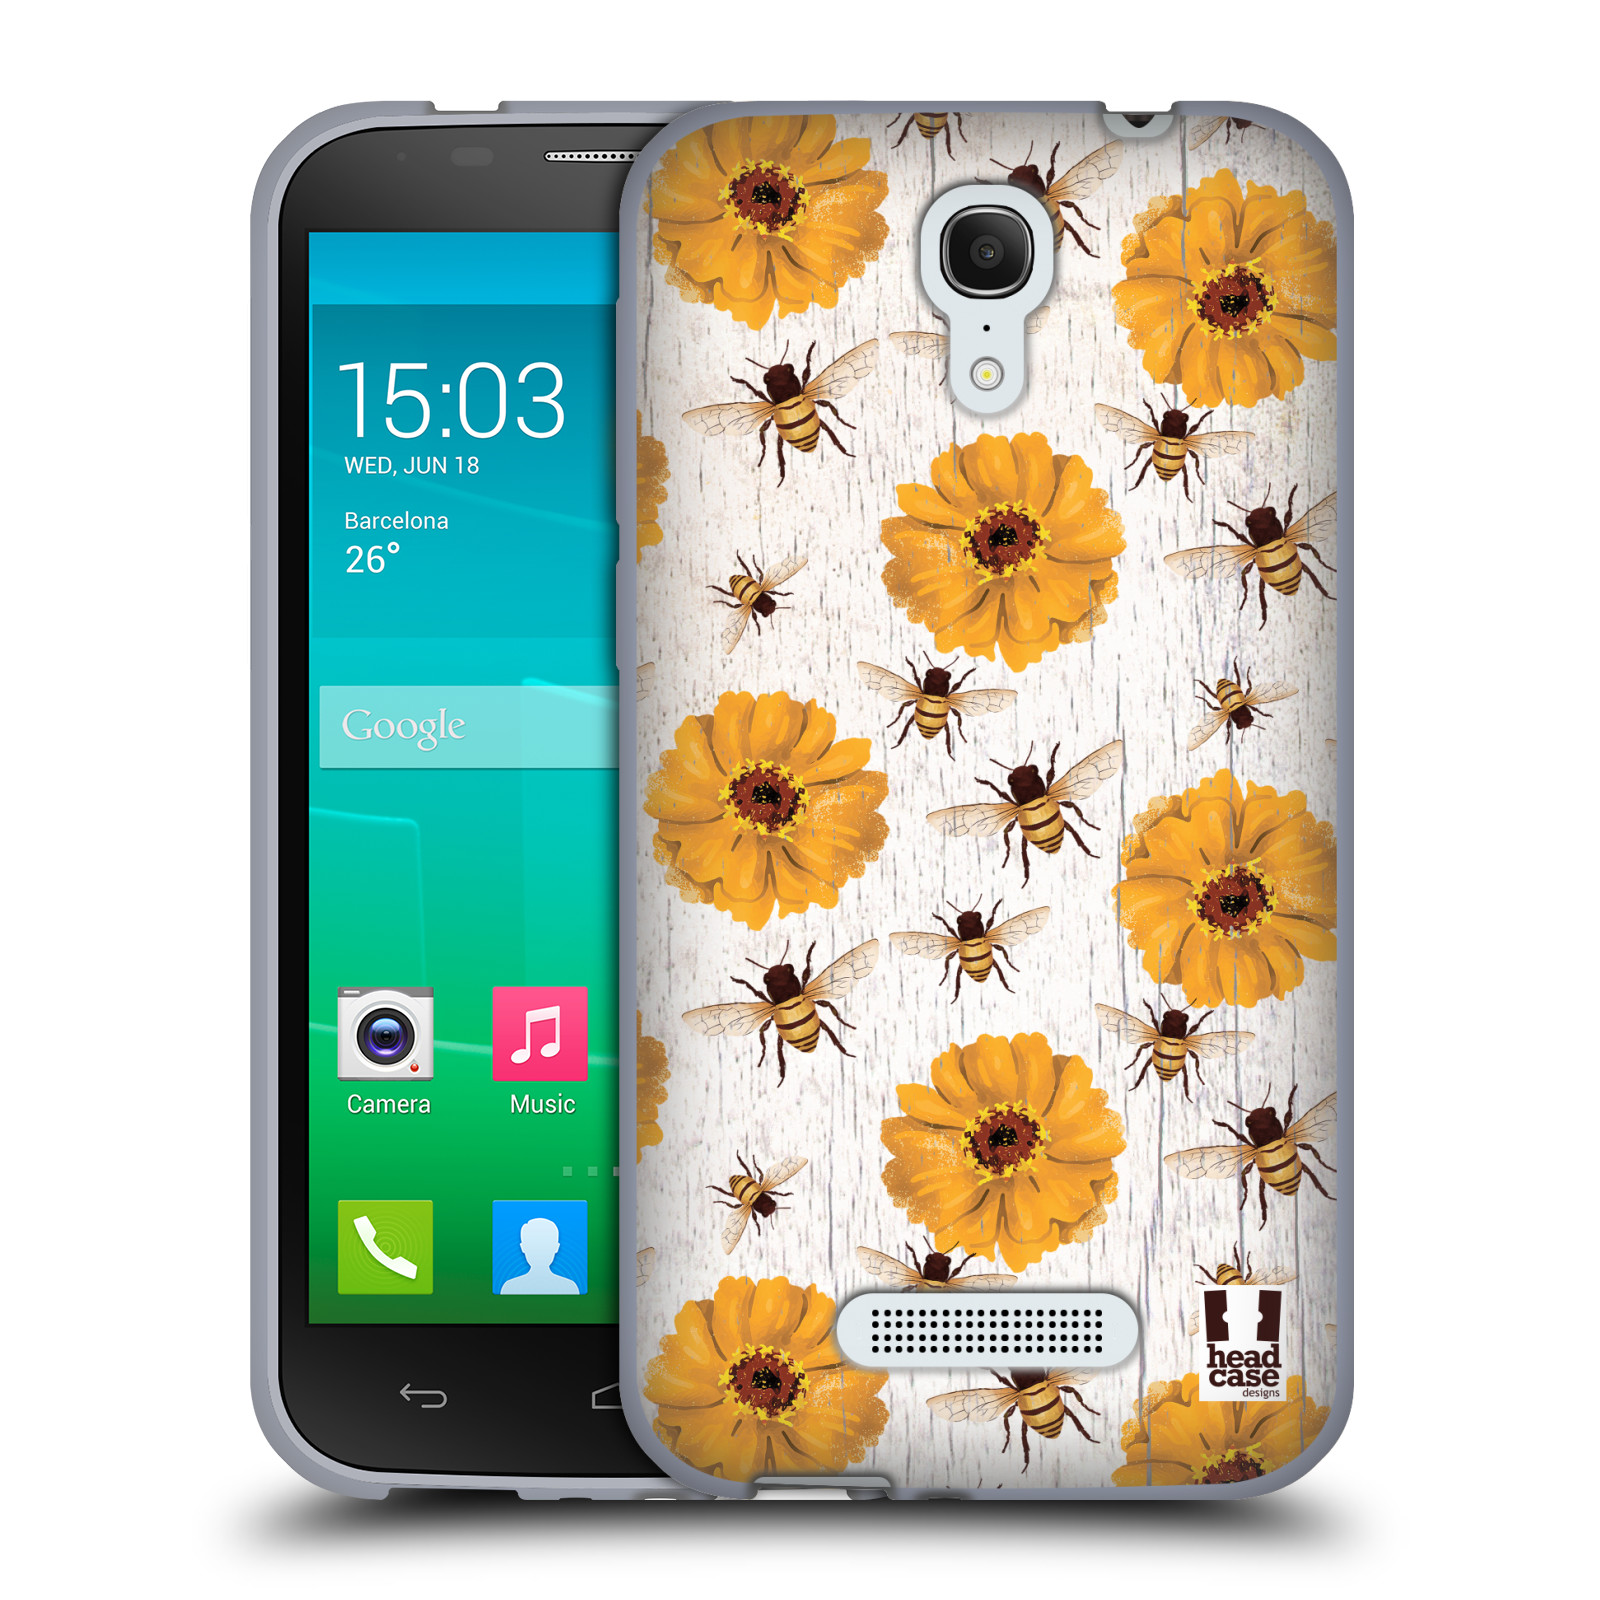 HEAD CASE silikonový obal na mobil Alcatel POP S7 vzor Barevný venkov, vintage KVĚTY A VČELKY ŽLUTÁ